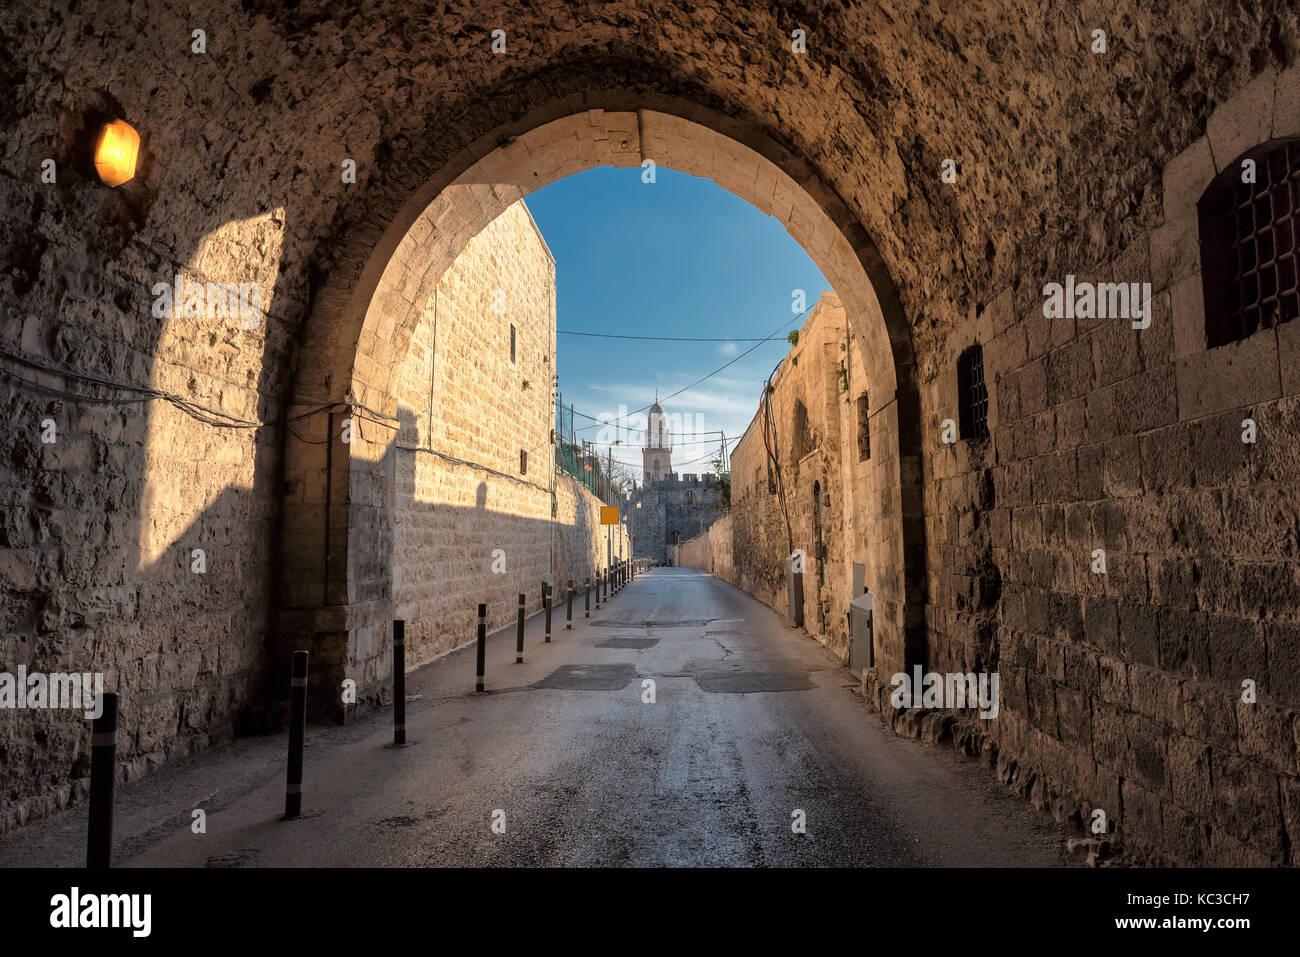 Street en la Ciudad Vieja de Jerusalén, Israel. Imagen De Stock